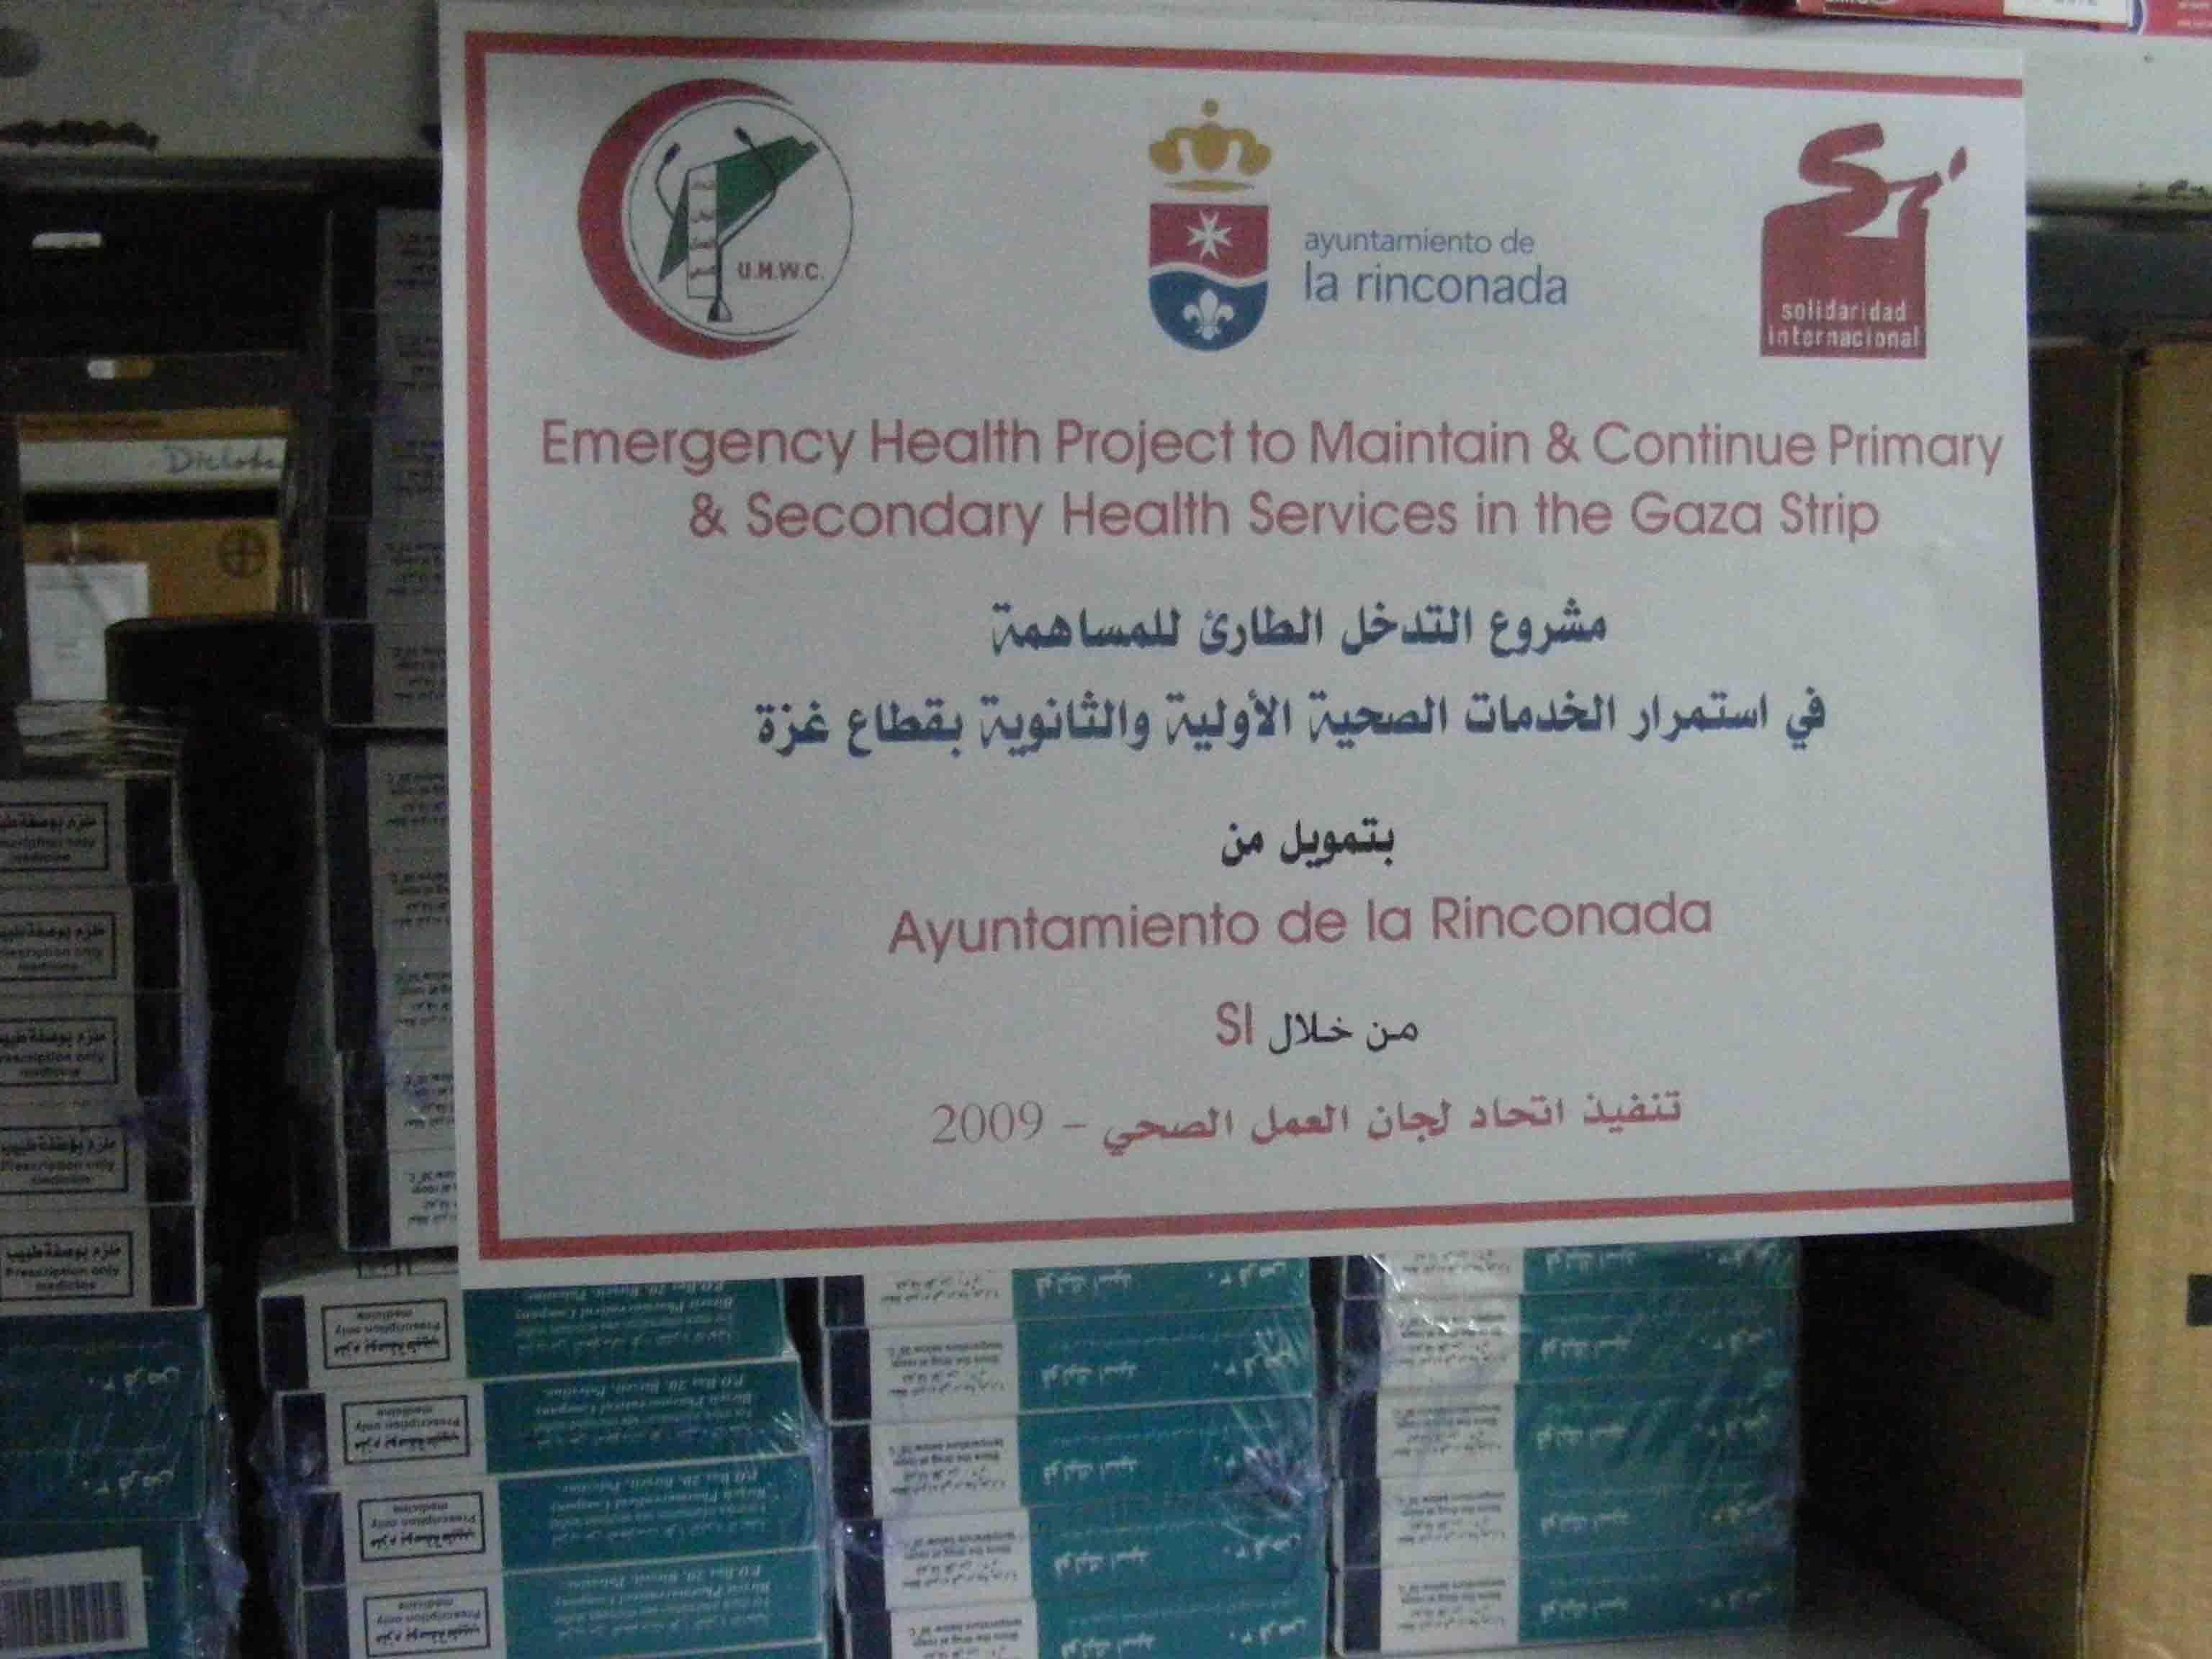 Respuesta de emergencia de contribución a la continuidad y mejora de la asistencia sanitaria primaria y secundaria en 4 centros de salud y 1 hospital en las áreas más afectadas por el  bloqueo y la ofensiva militar israelí Plomo Fundido, Franja de Gaza.